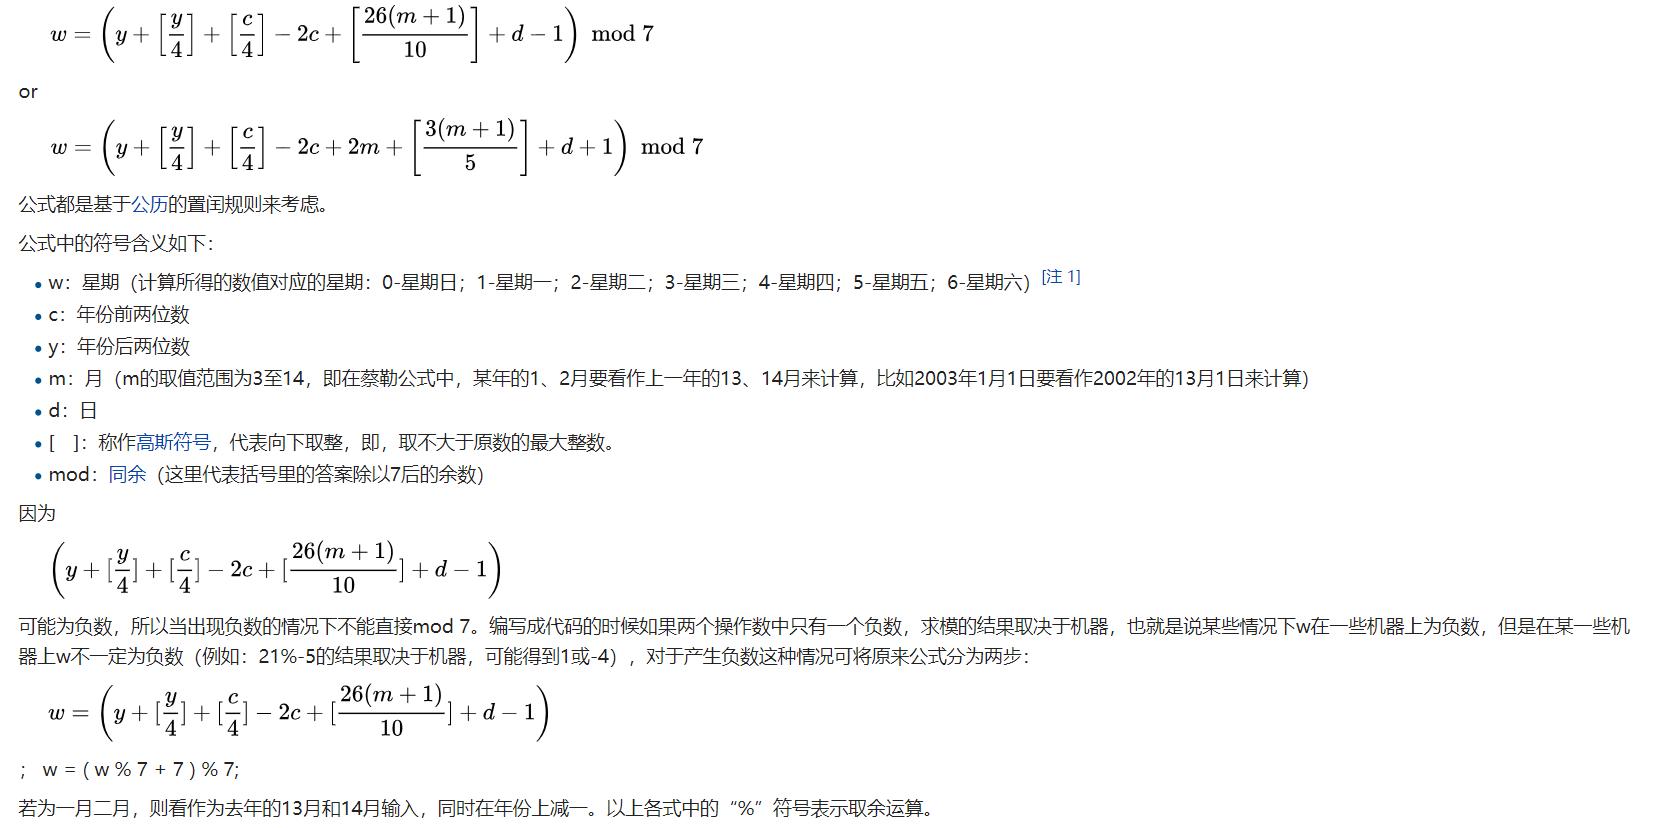 《算法第四版》课后练习题1.2.12答案